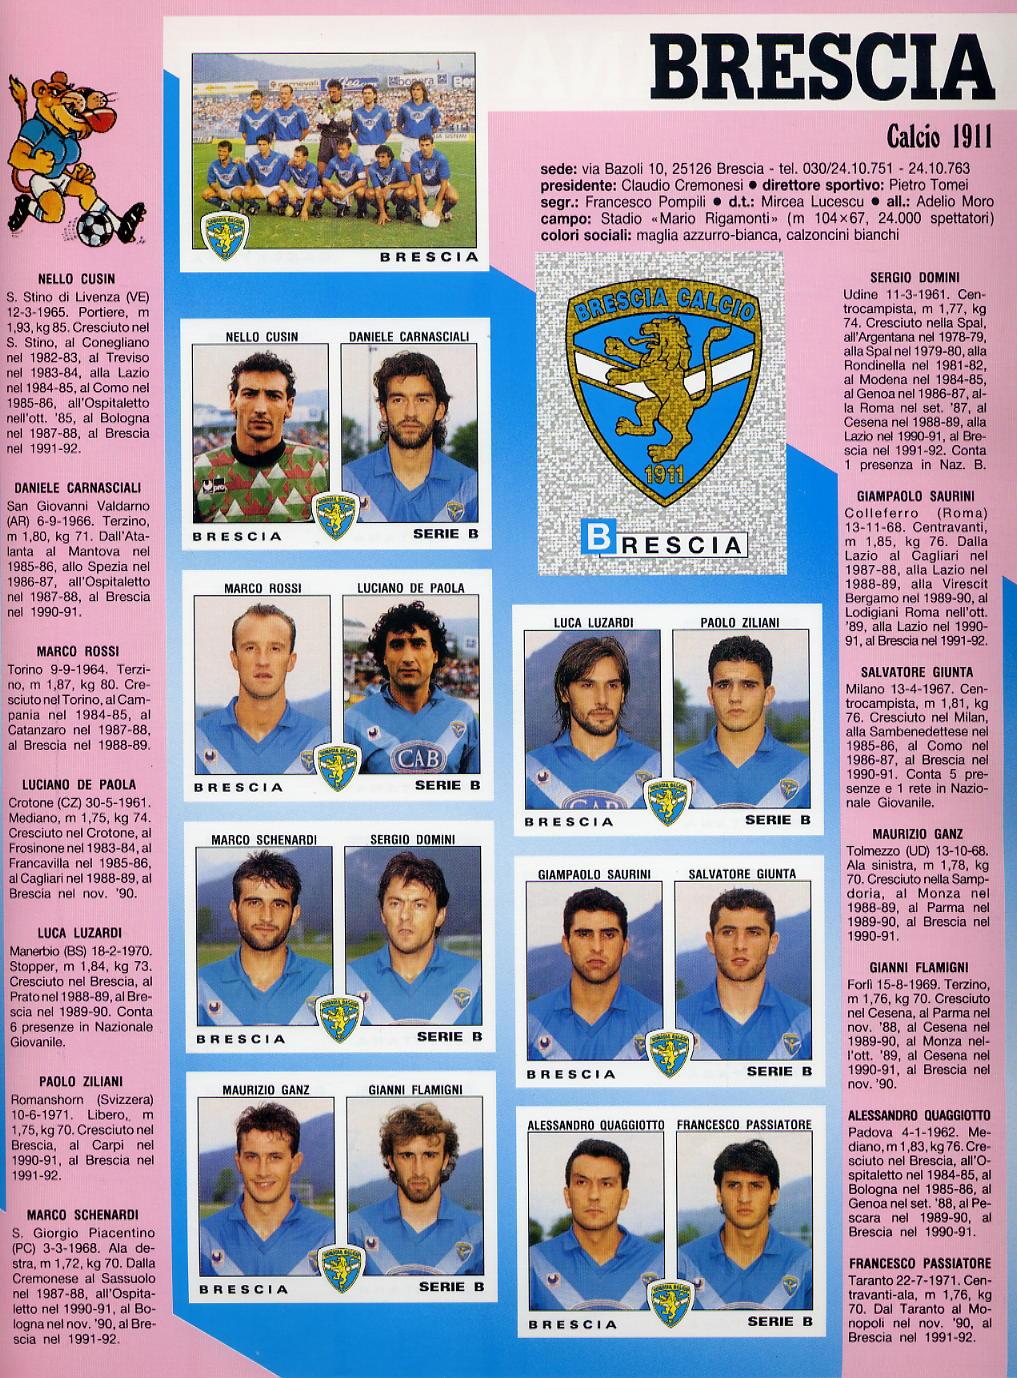 brescia campionato serie b 1991